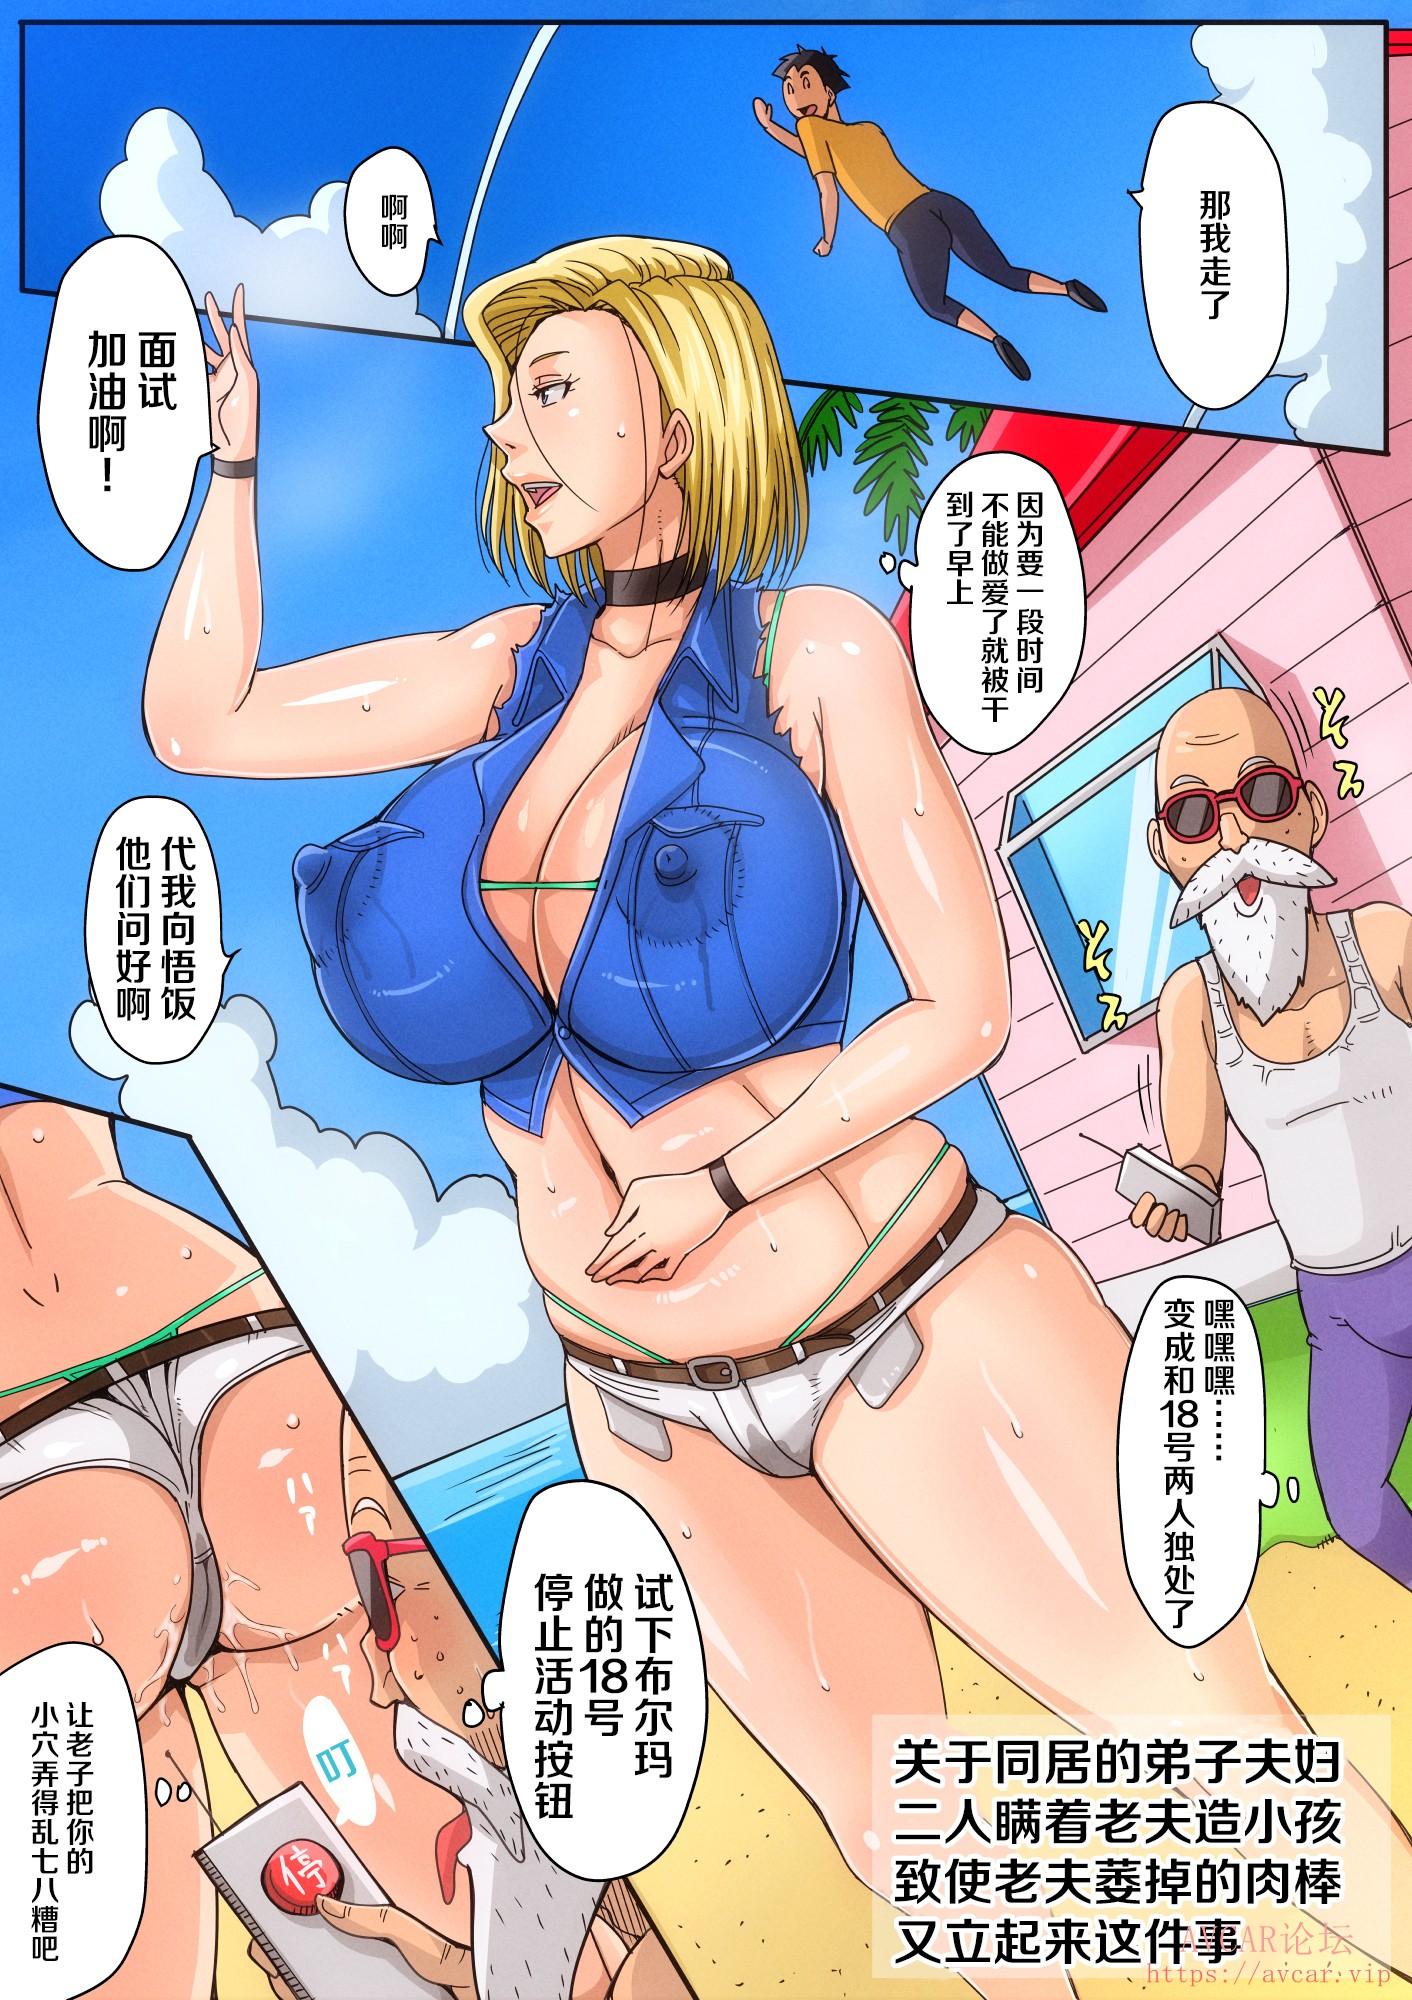 13_14_bkyu_manga10_014.jpg